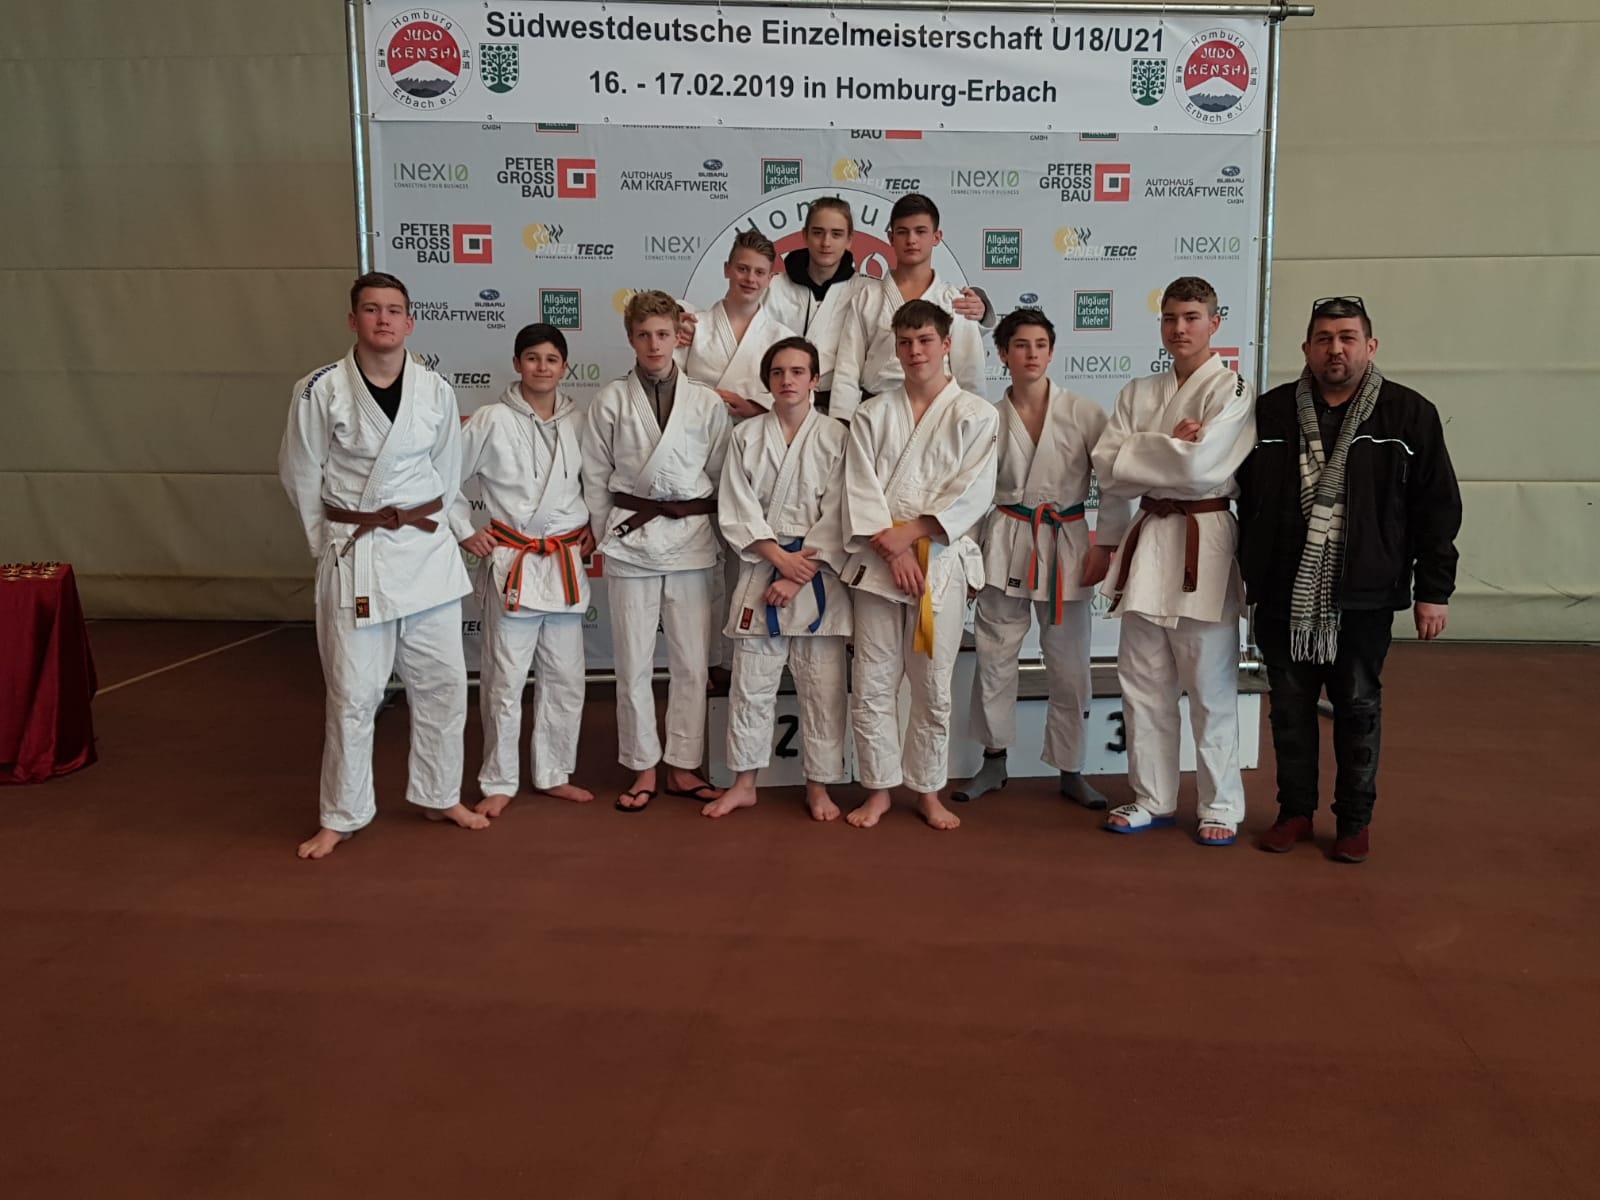 Zehn saarländische Judoka für Deutsche Meisterschaft qualifiziert